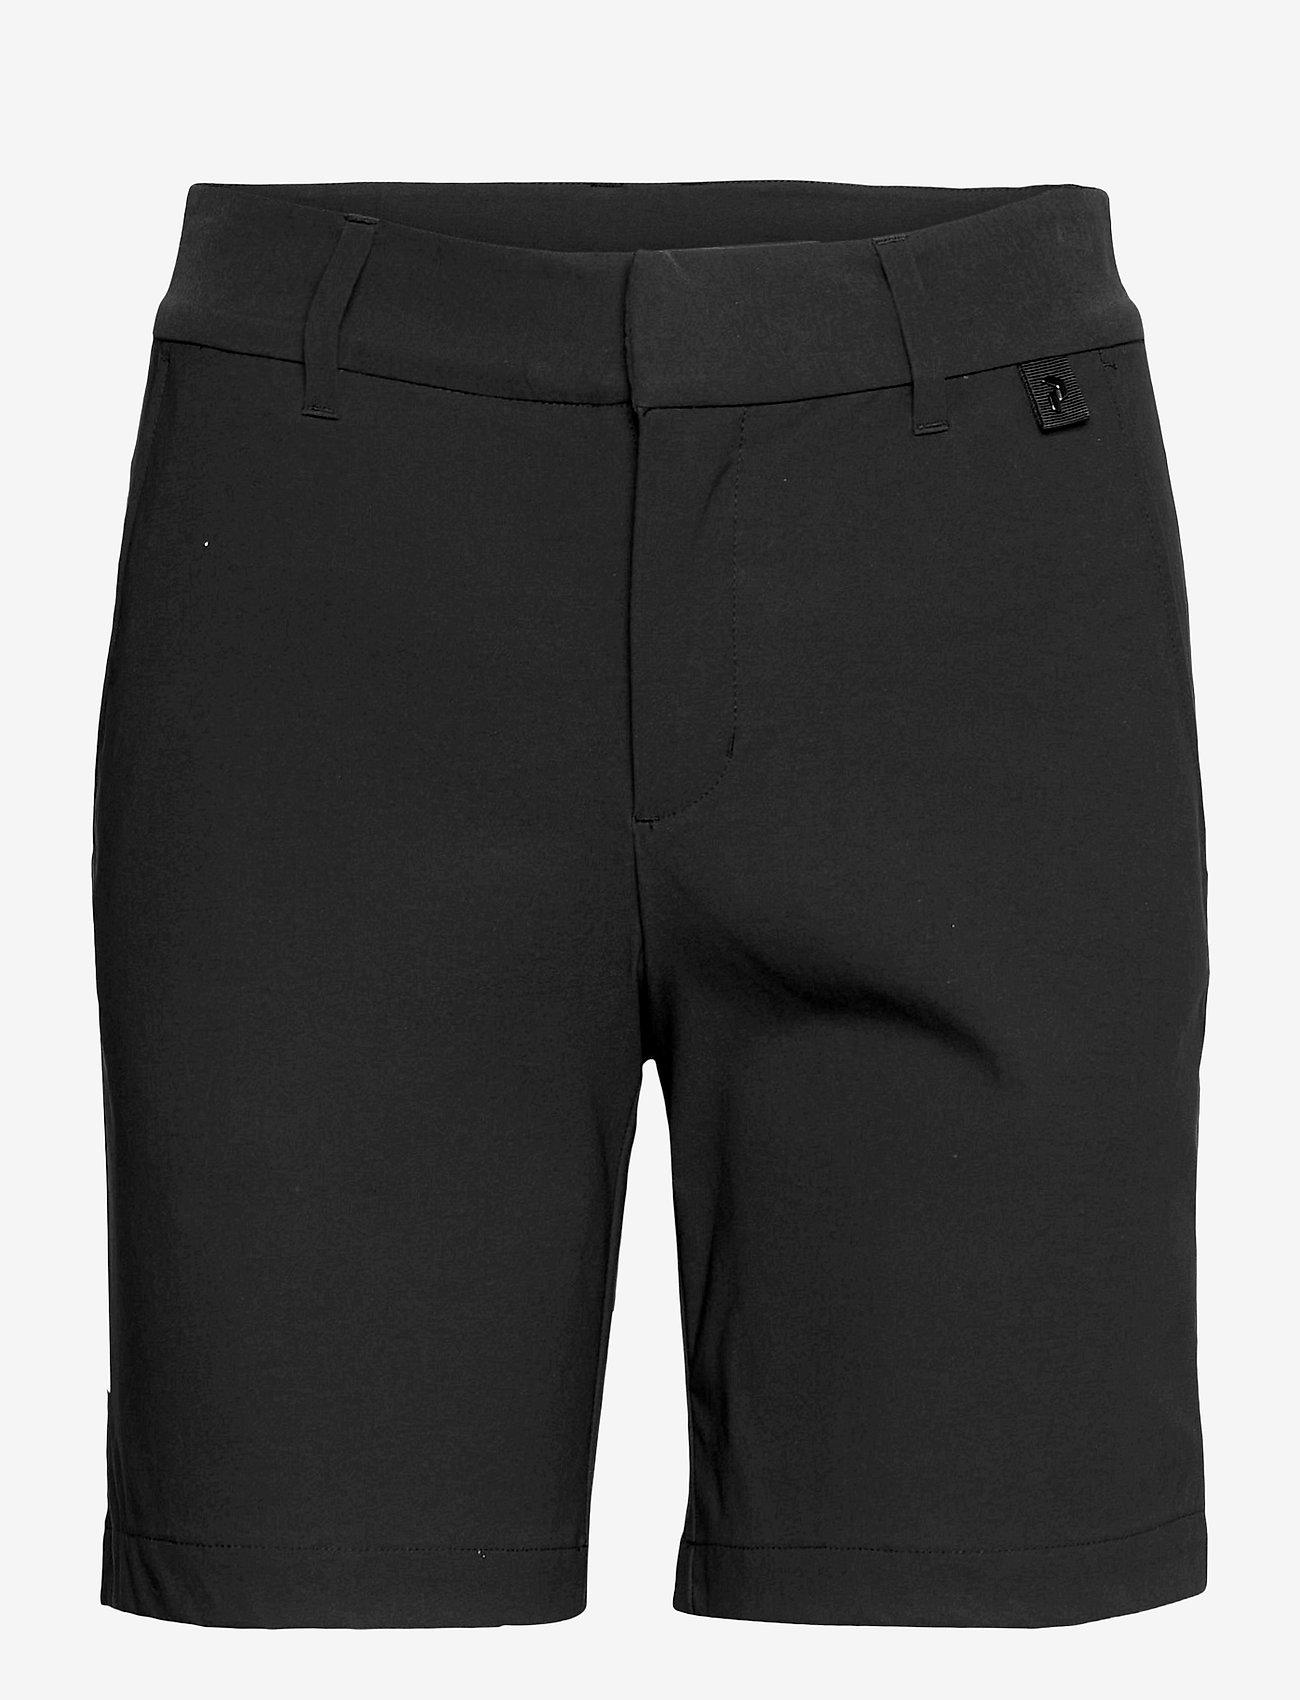 Peak Performance - W Illusion Shorts - short de randonnée - black - 0